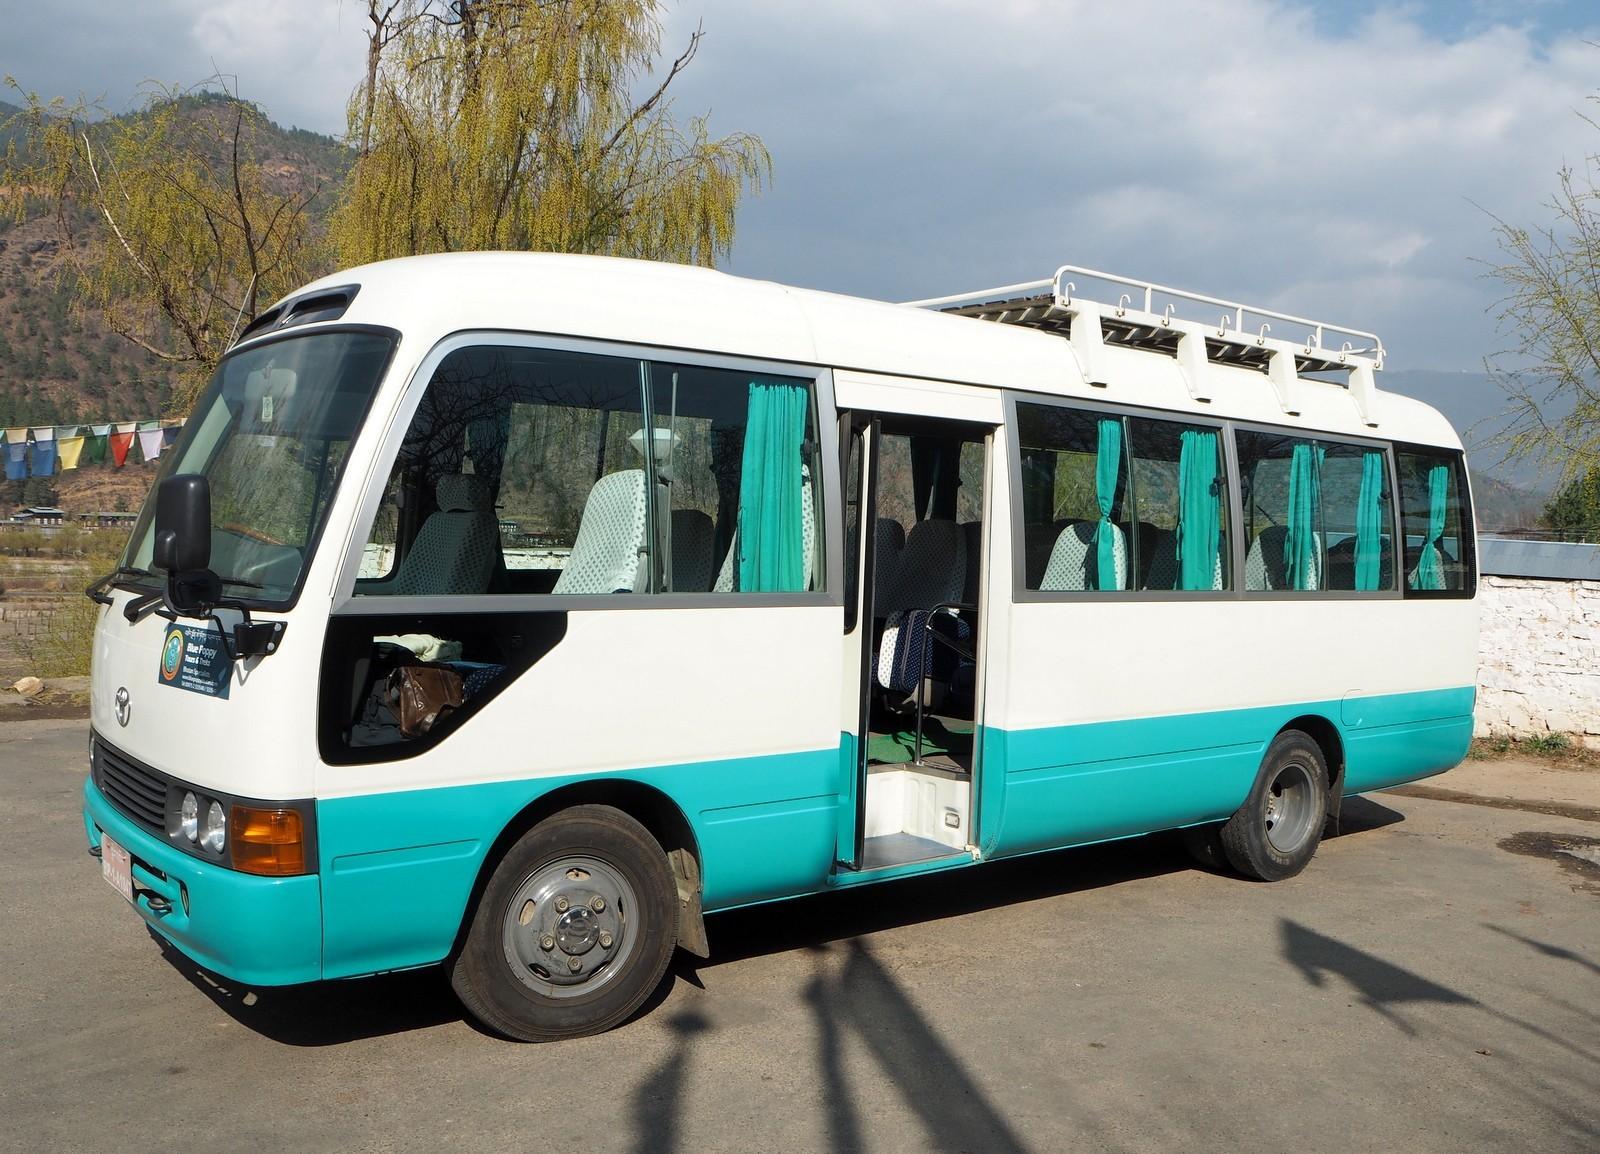 Bussimme Bhutanissa - juttu Bhutan kustannukset